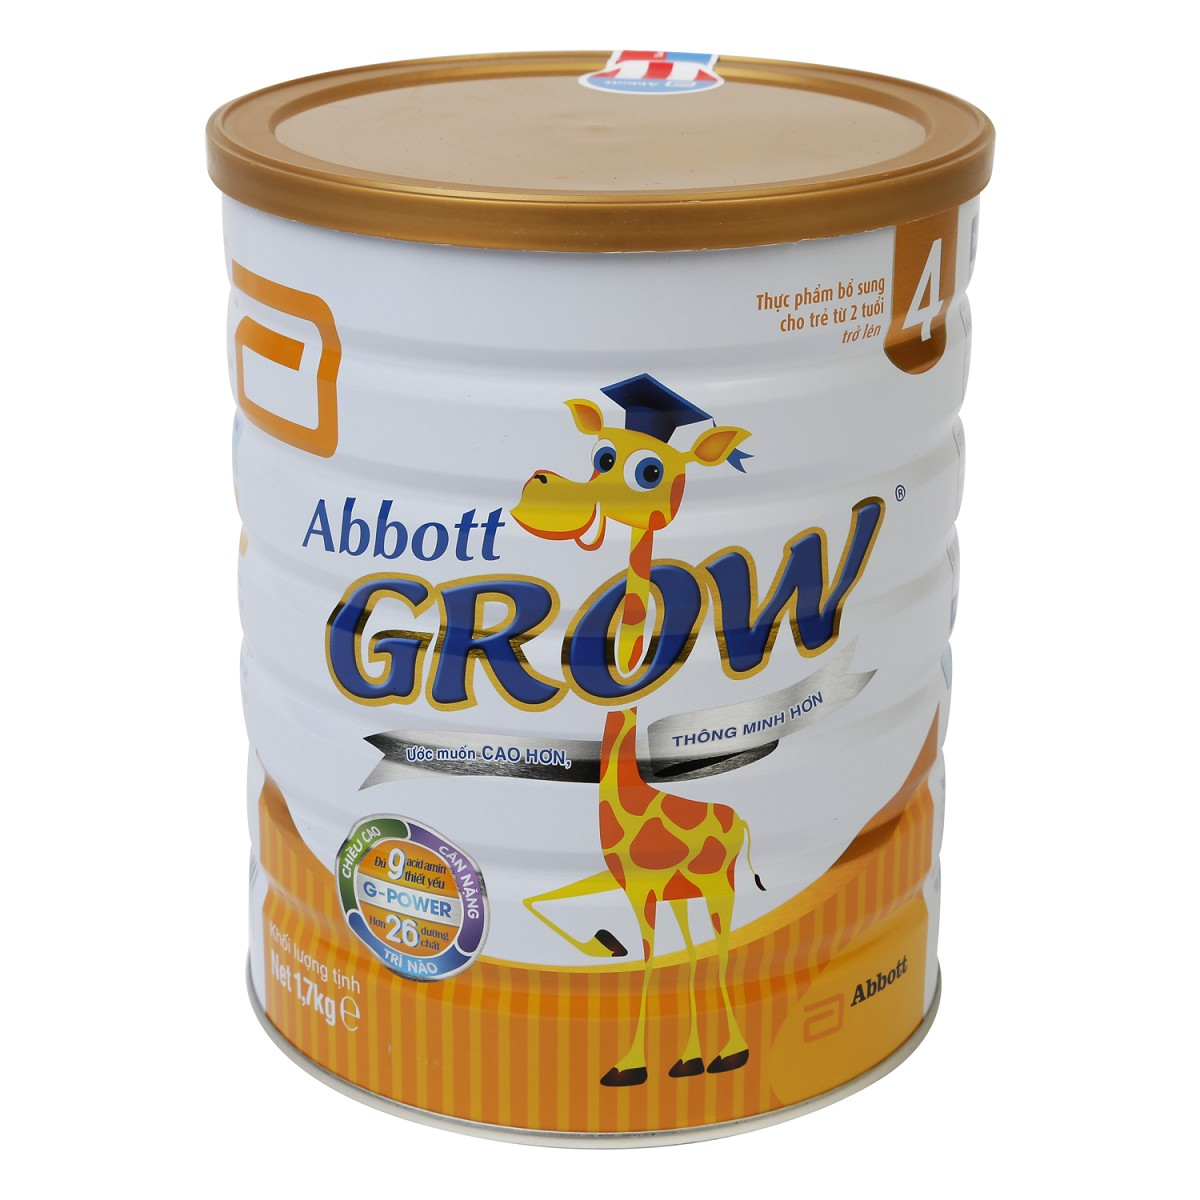 Sữa Abbott Grow 4 hương vani 1.7kg